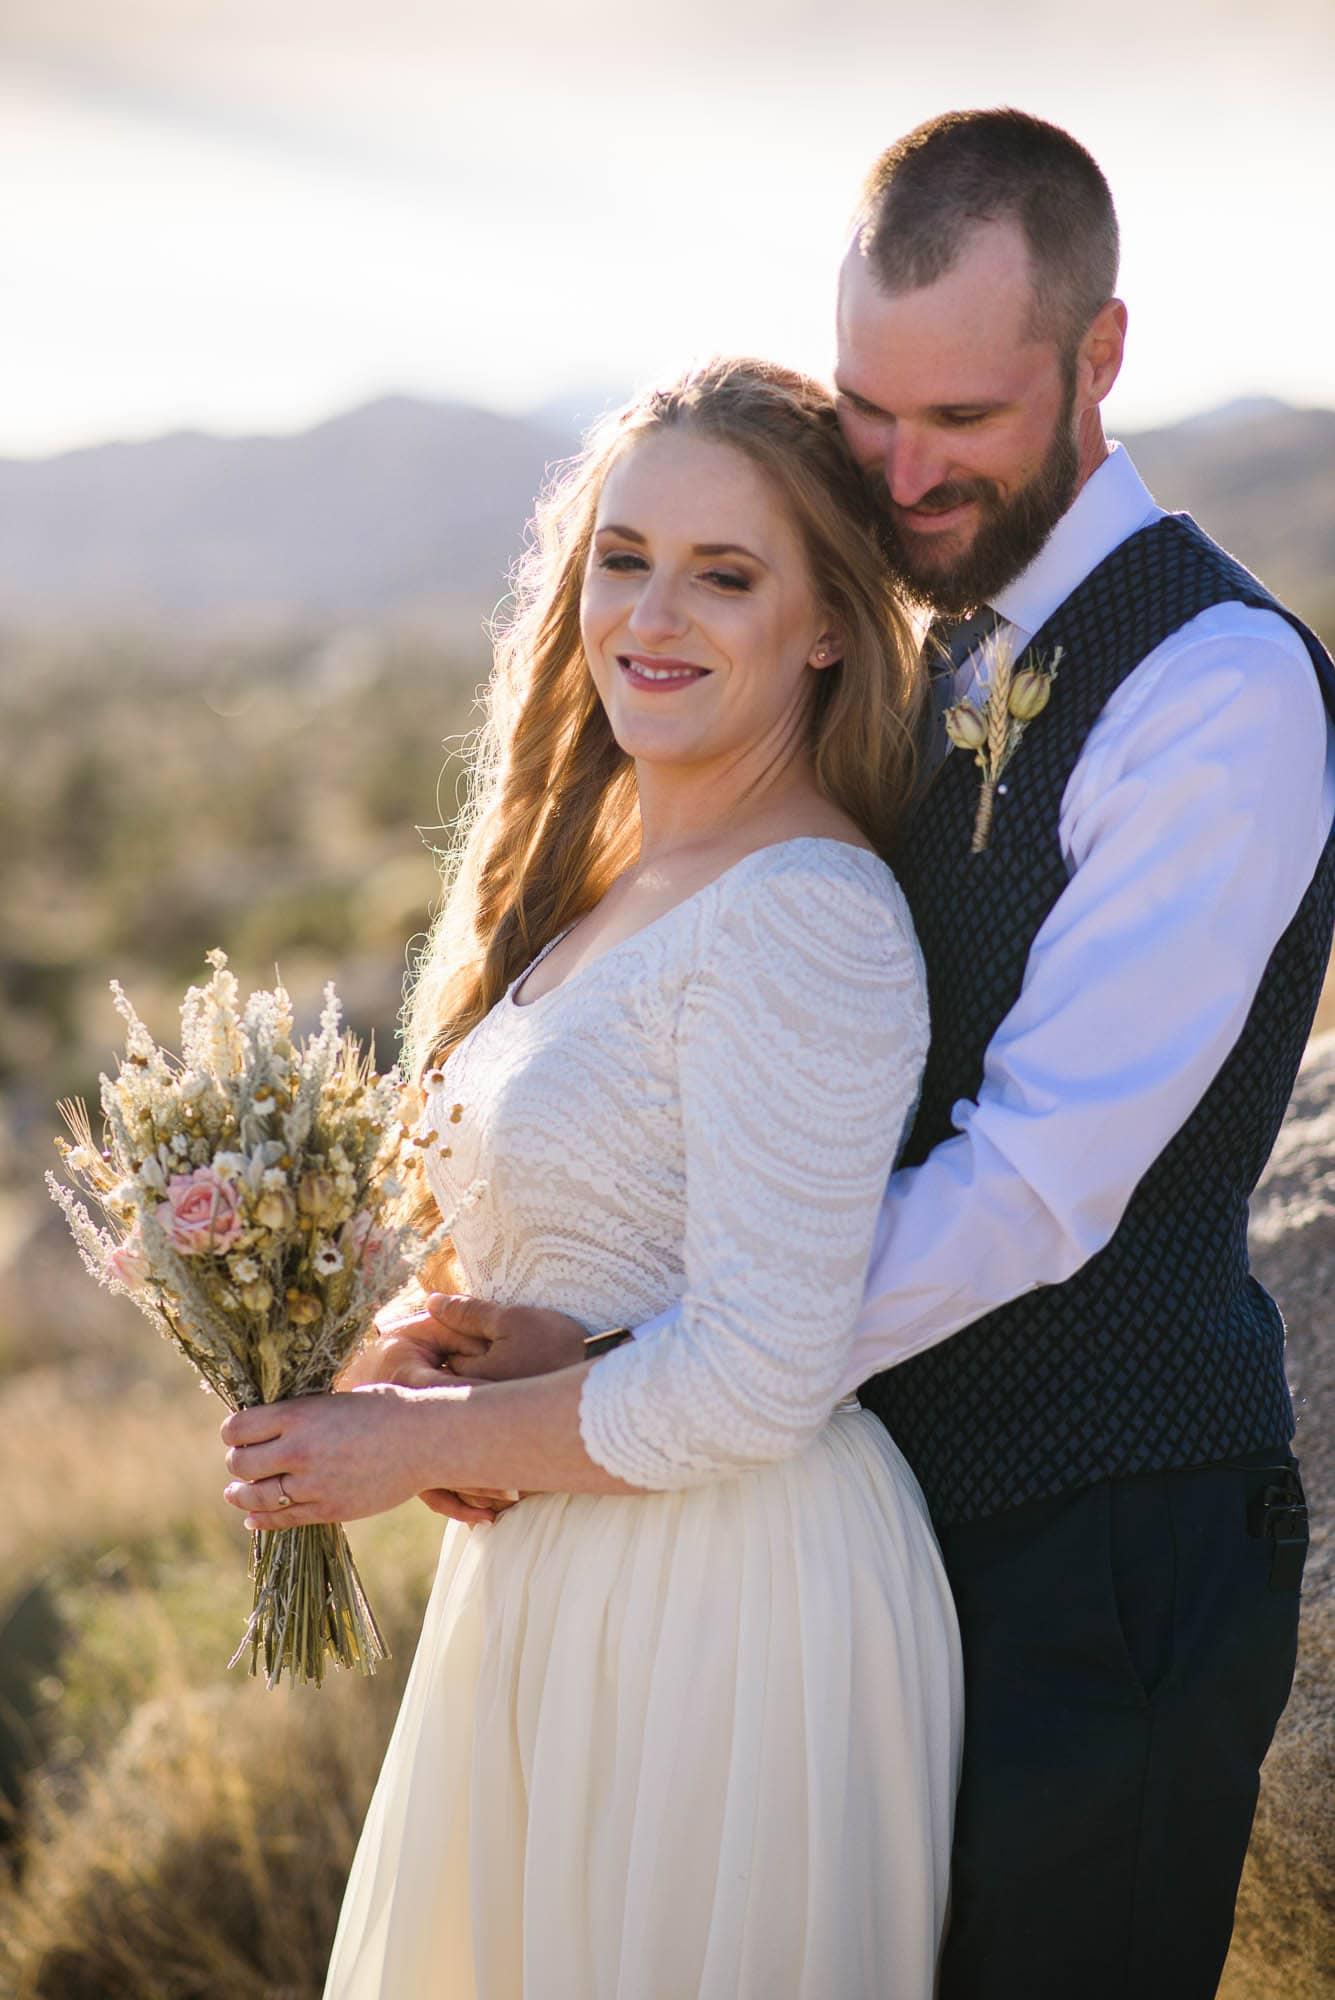 024_Alan_and_Heidi_Wedding_Abby_Tyler